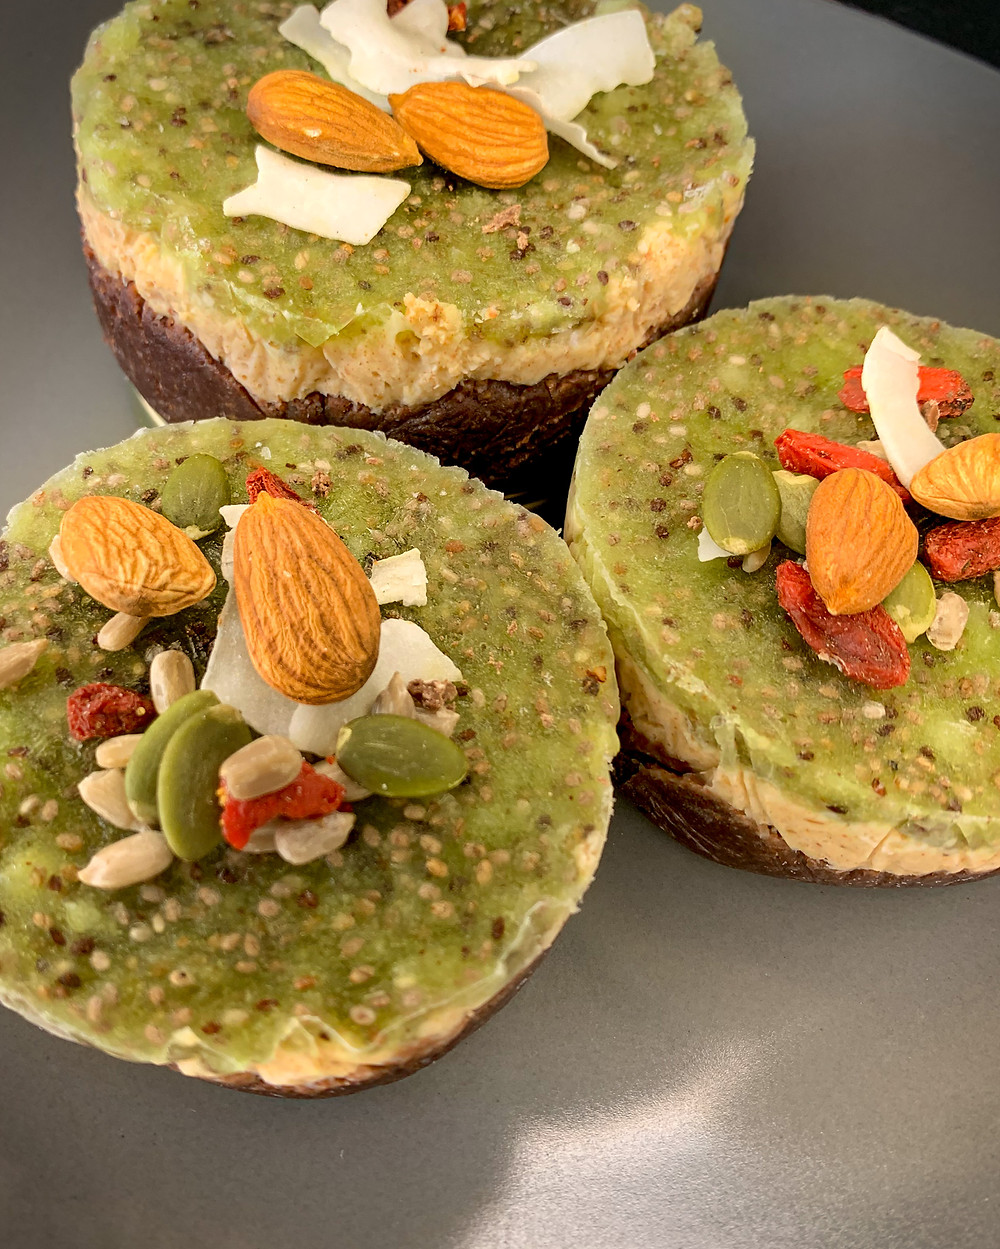 Tarta cruda con mermelada - Nutricionista Online Karina Herrera